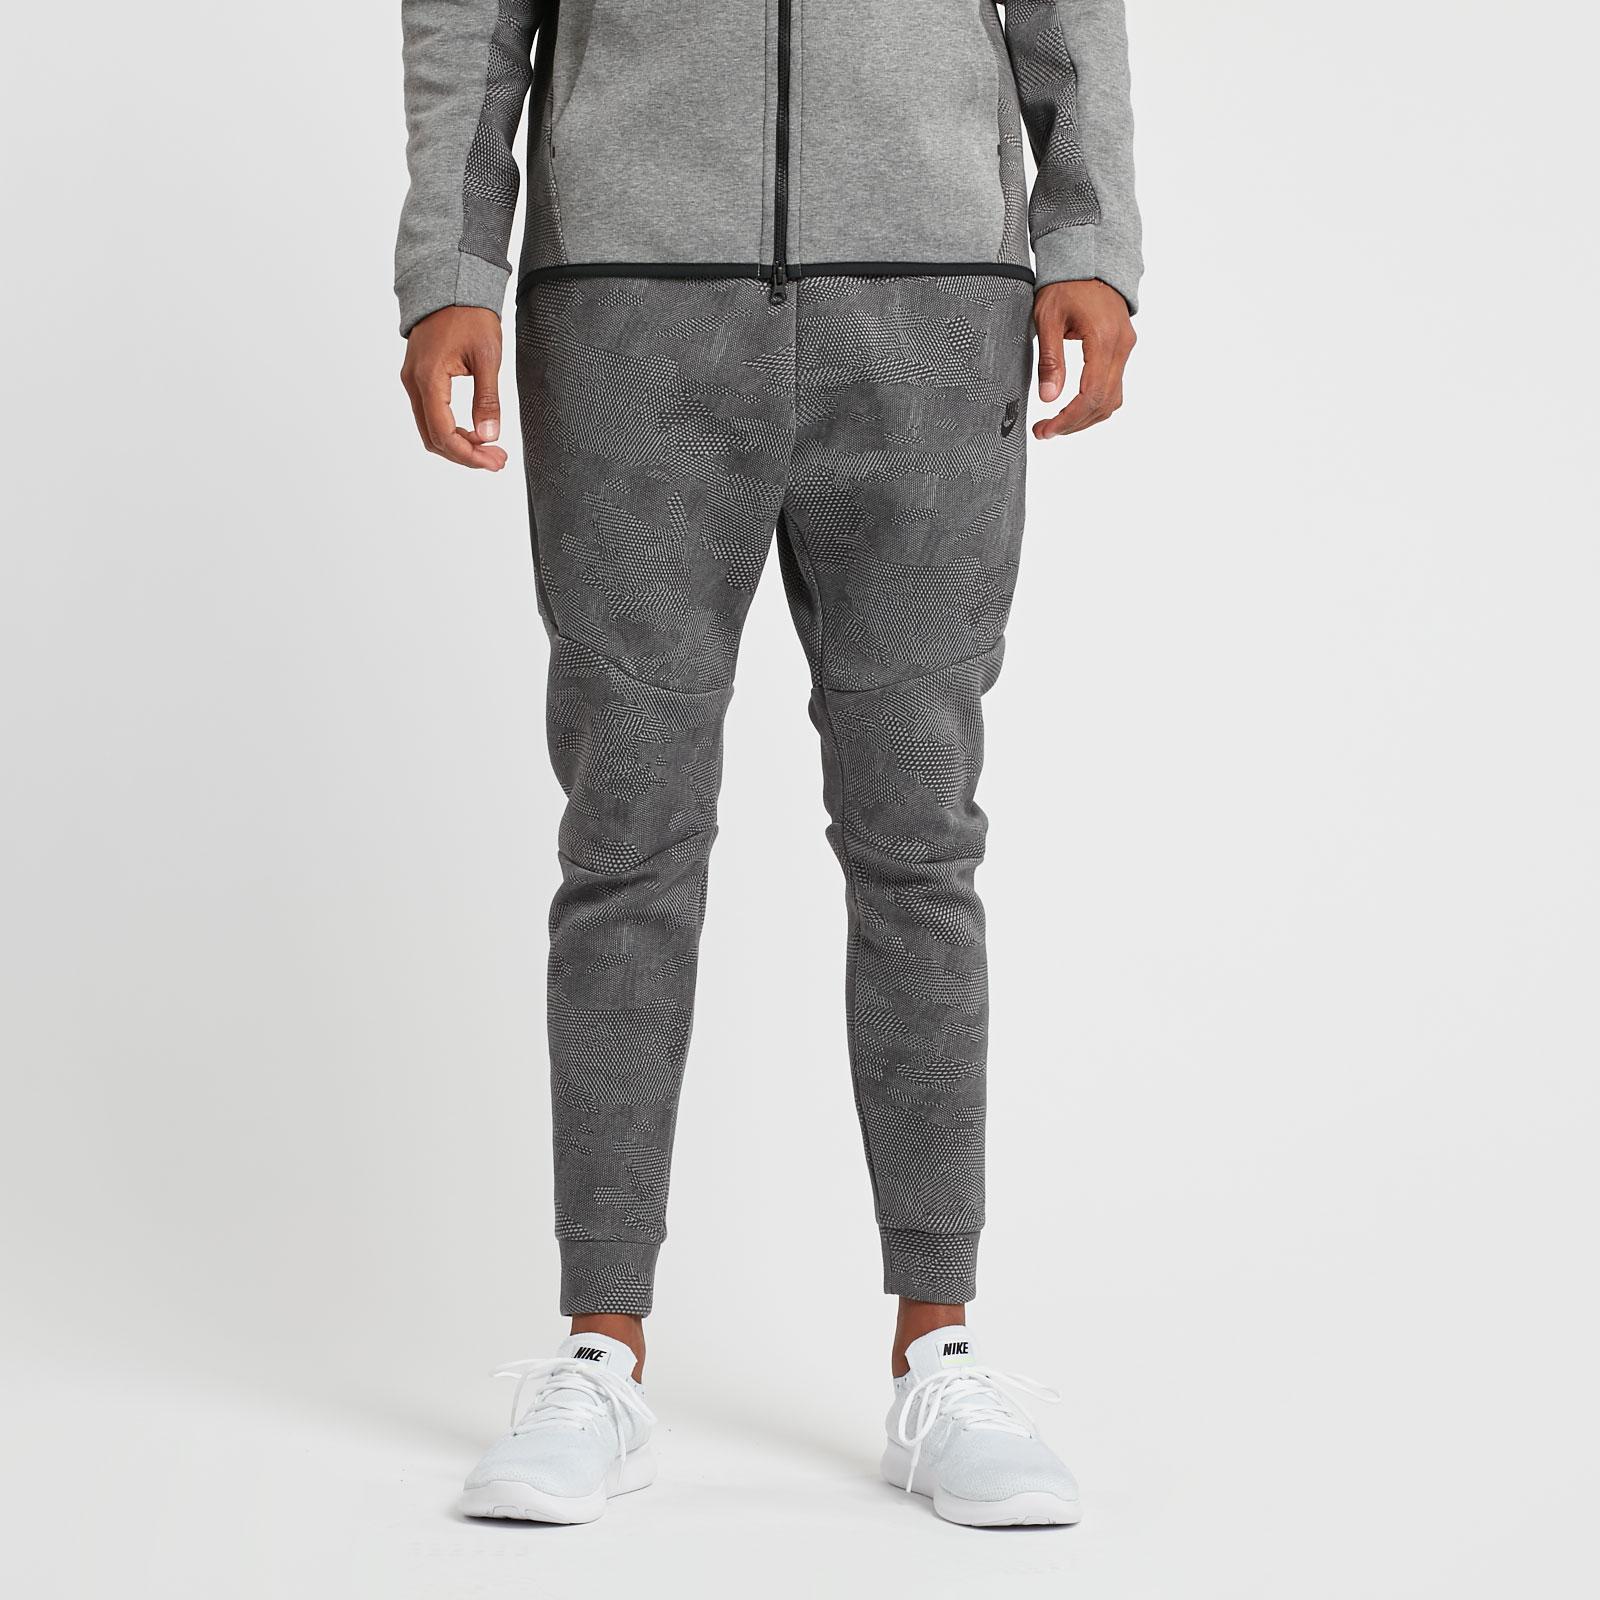 Nike Tech Fleece Jogger AOP - 836416-010 - Sneakersnstuff  cacc7e09b